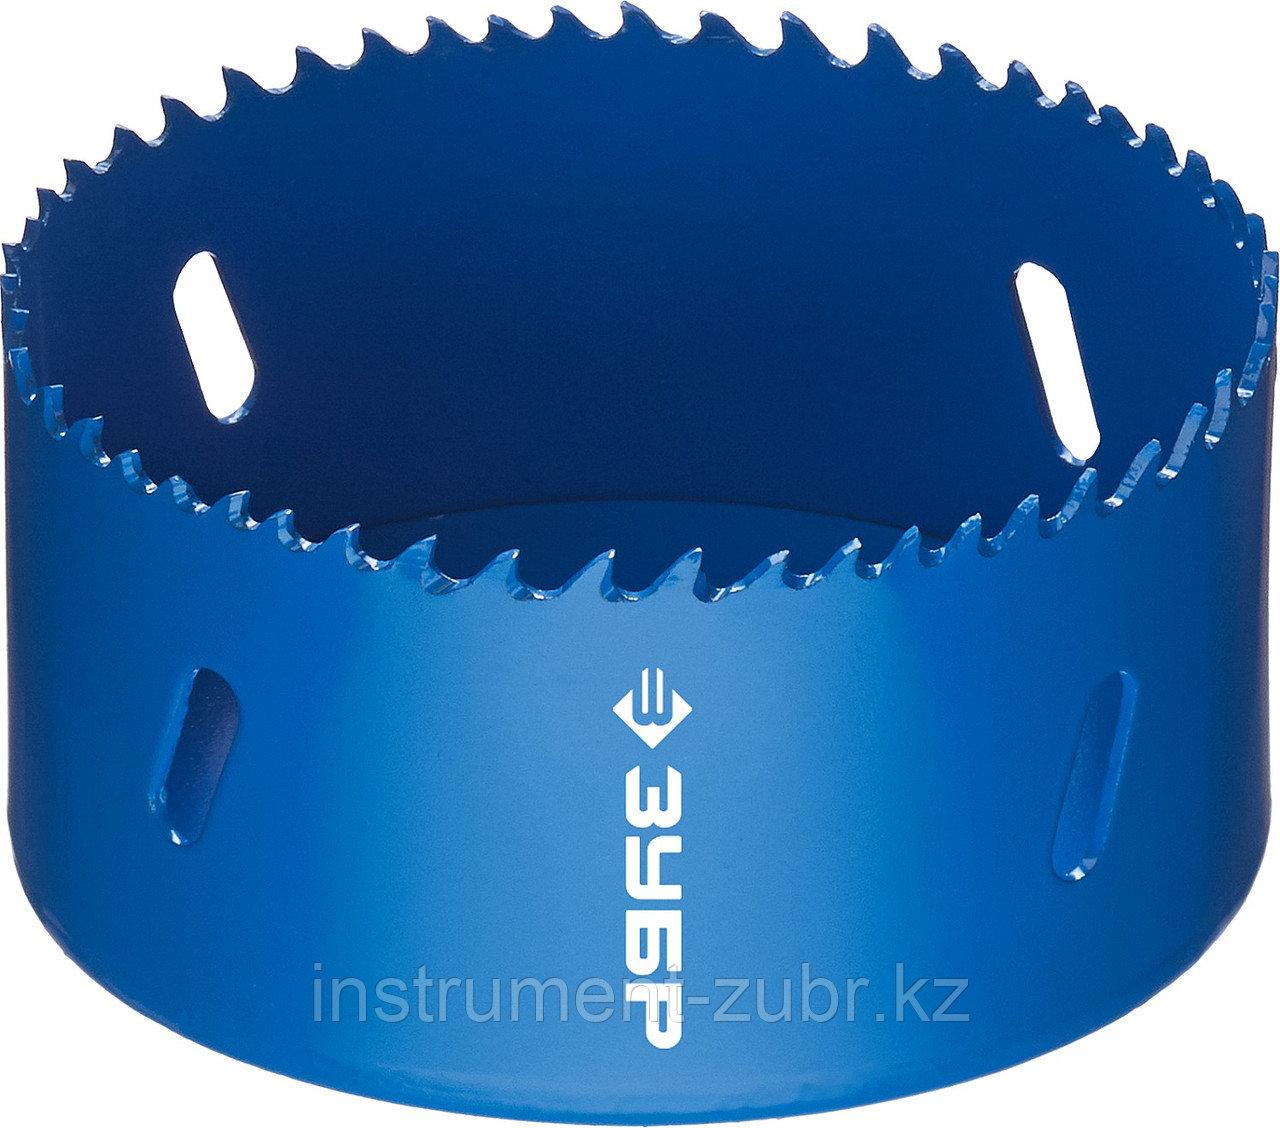 Коронка биметаллическая, быстрорежущая сталь, глубина сверления до 38мм, d-89мм, ЗУБР